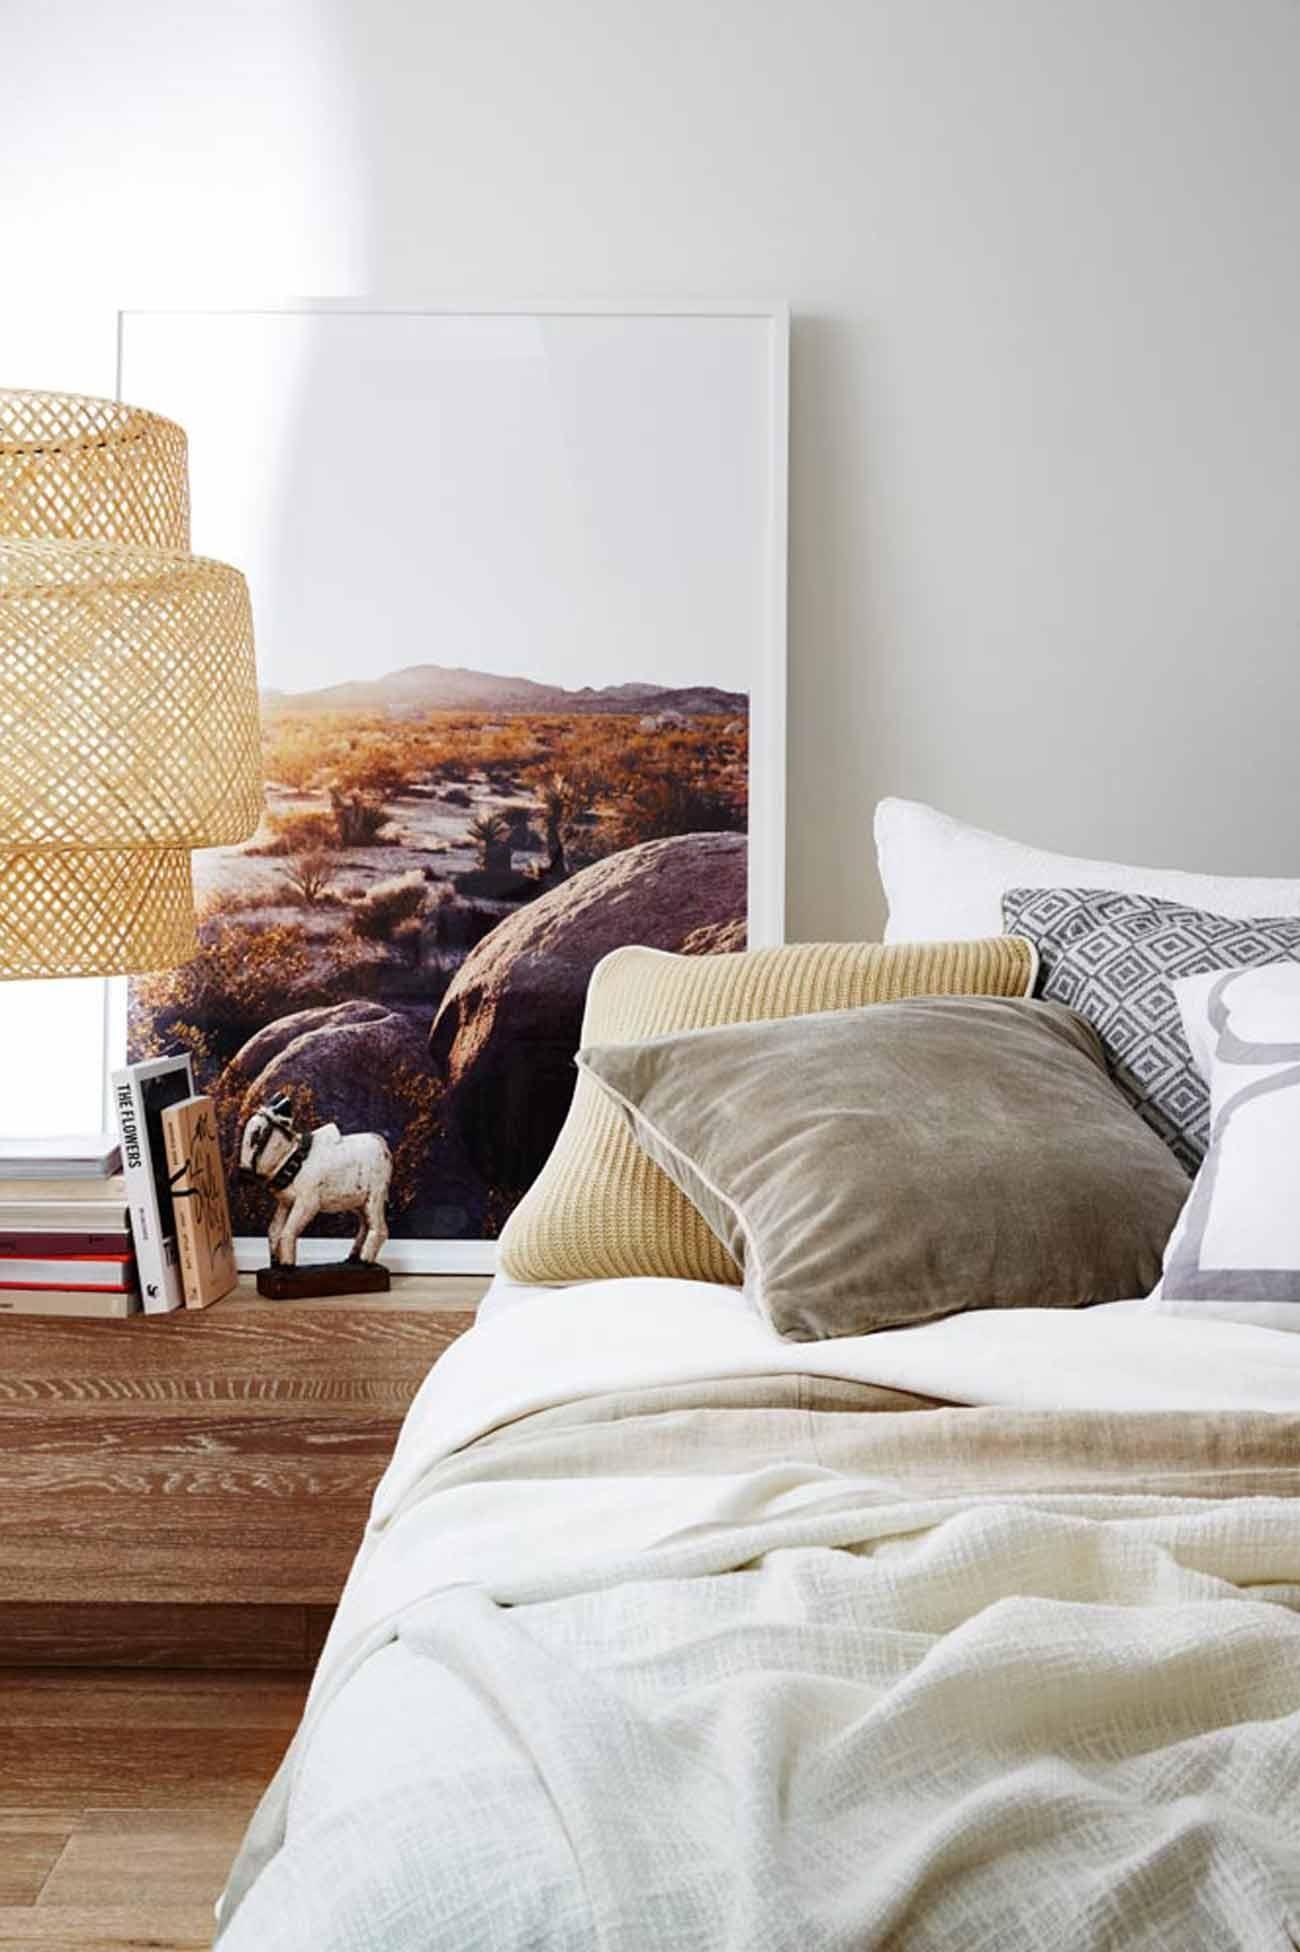 Winter Bedroom Bliss Ideas From An Interior Designer